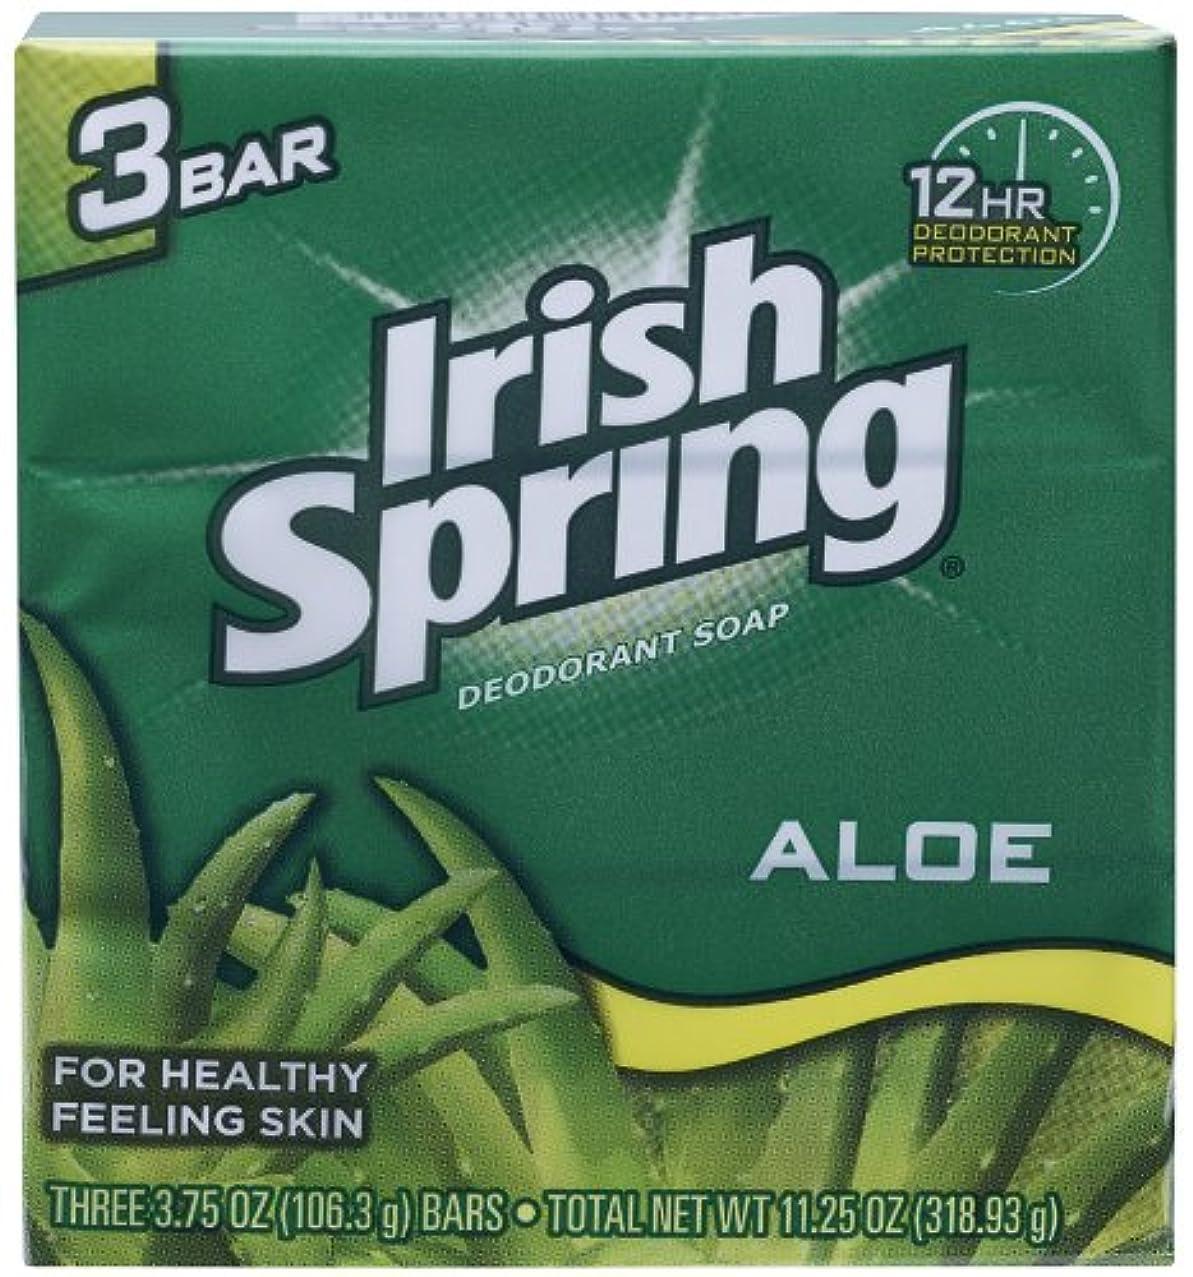 思われる反逆者外交Irish Spring (IRIAL) ユニセックスのためにアロエデオドラントソープすることにより、3カウント